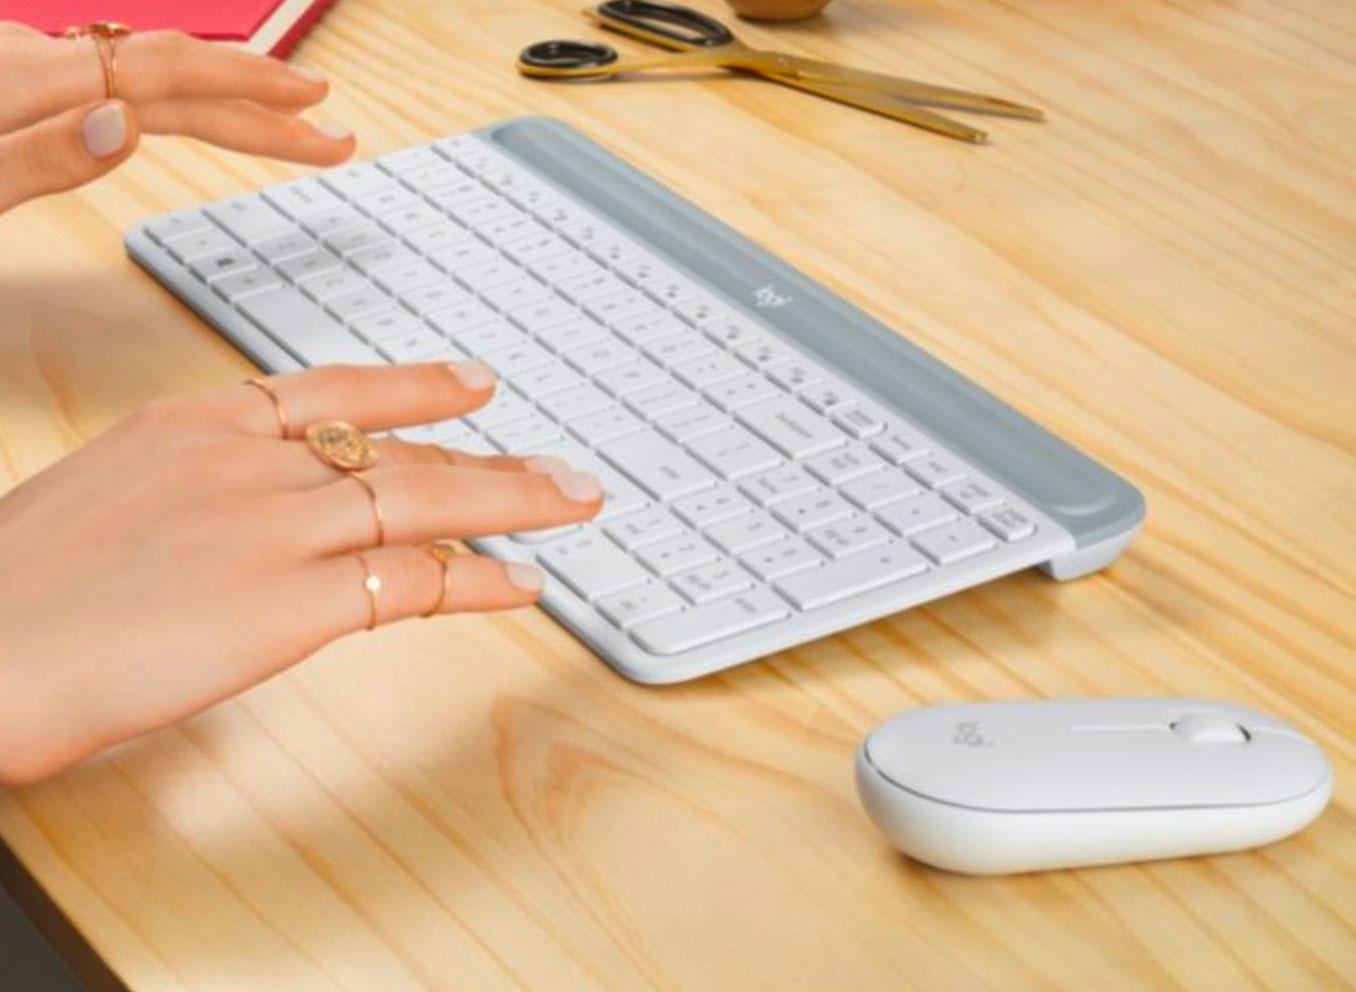 Le Logitech MK470, un combo souris/clavier très sympa